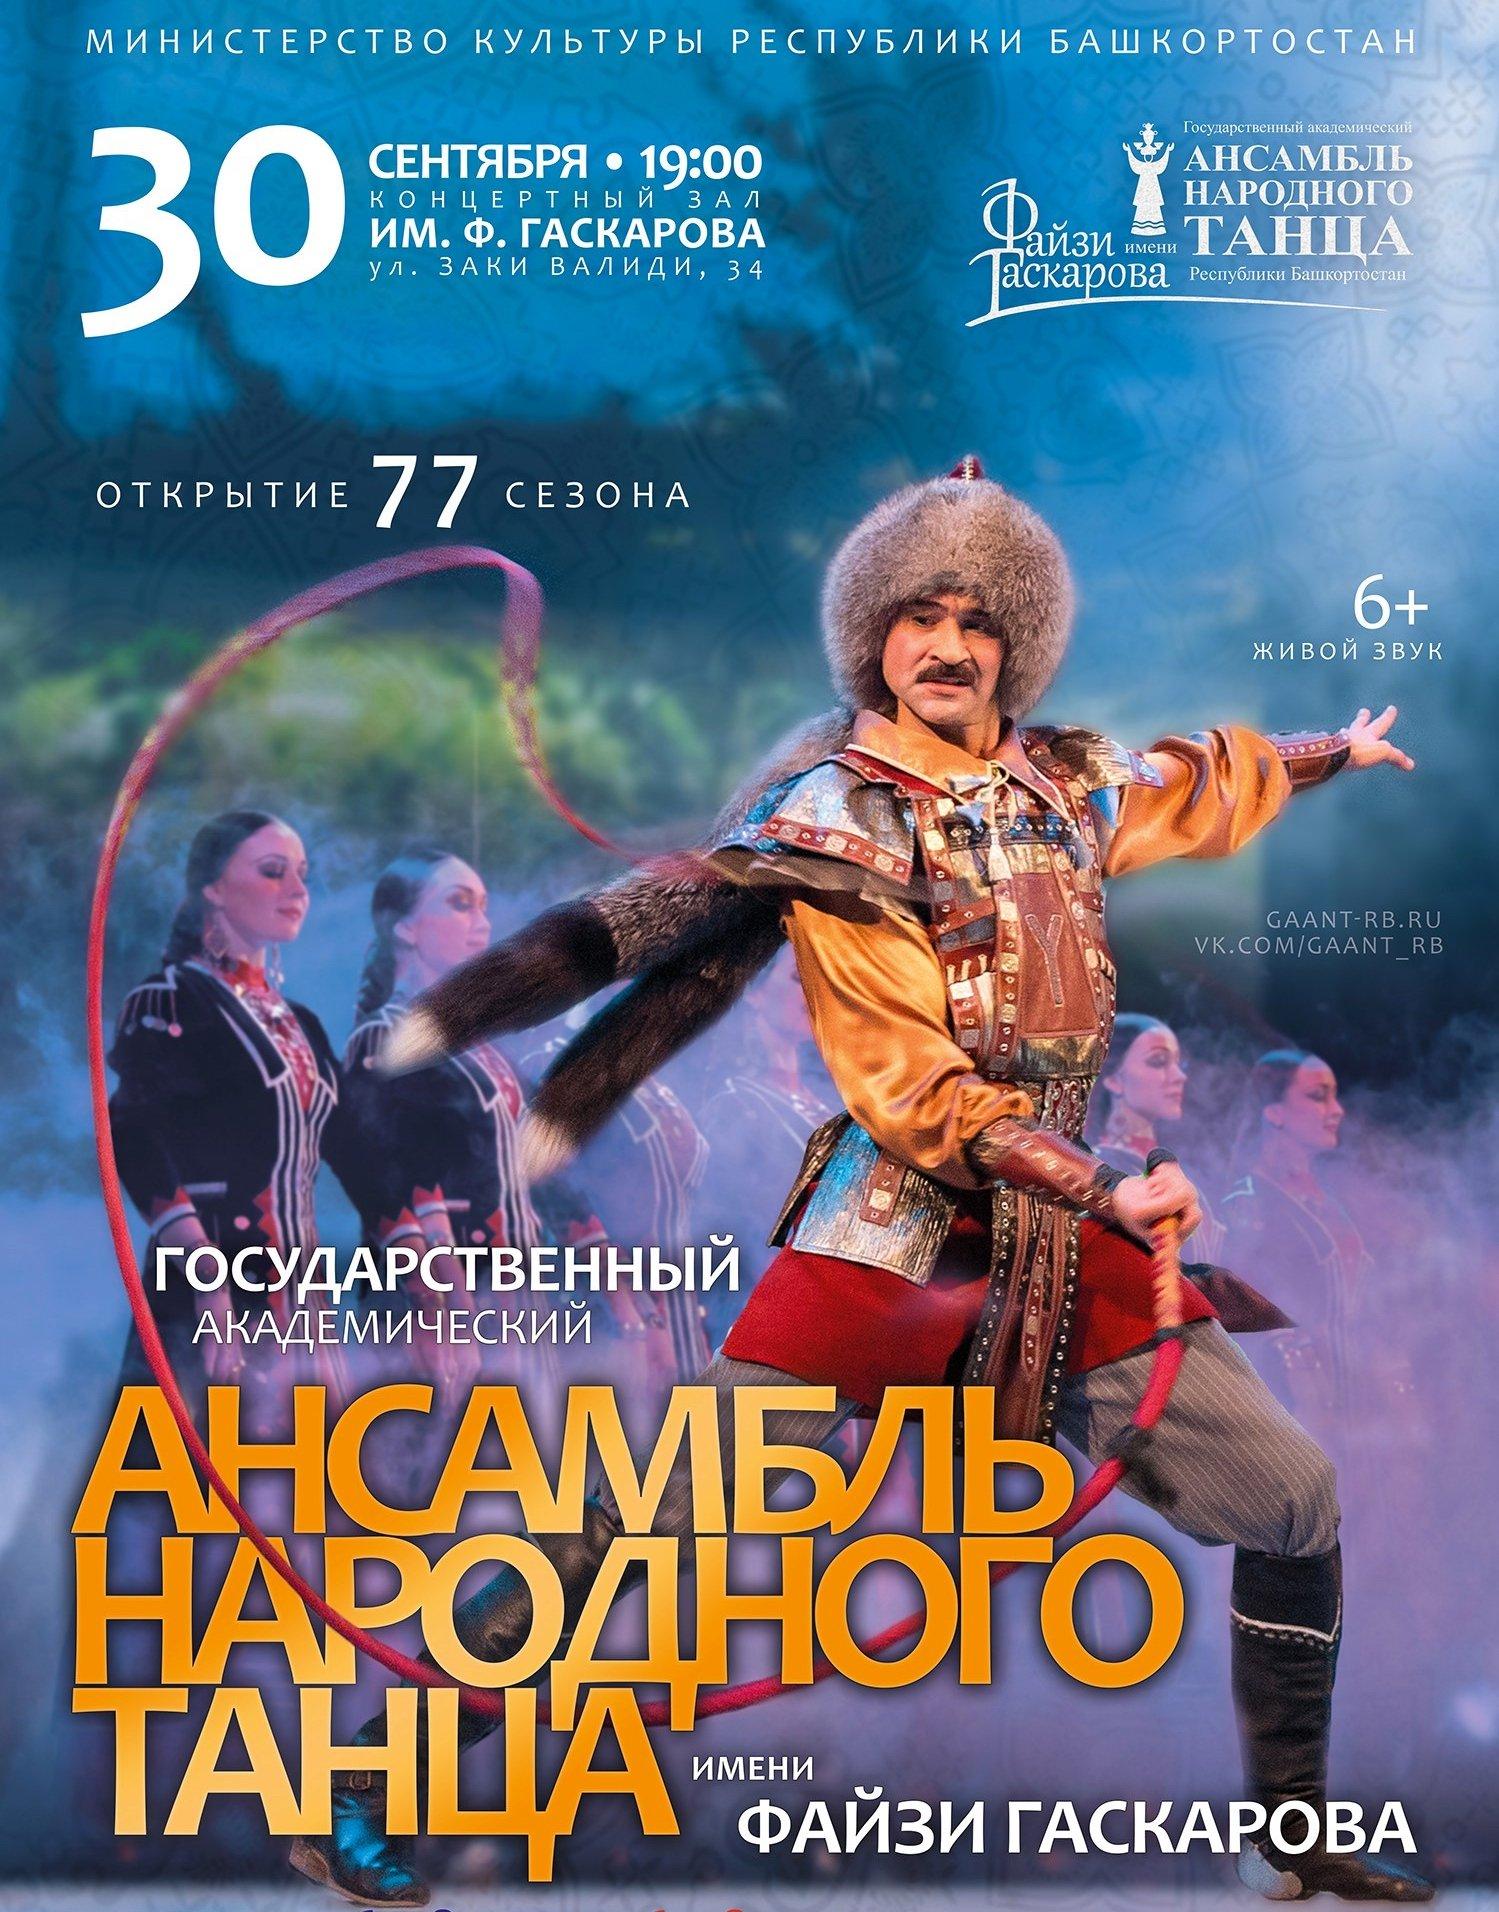 Концерт ГААНТ им. Ф. Гаскарова— открытие сезона